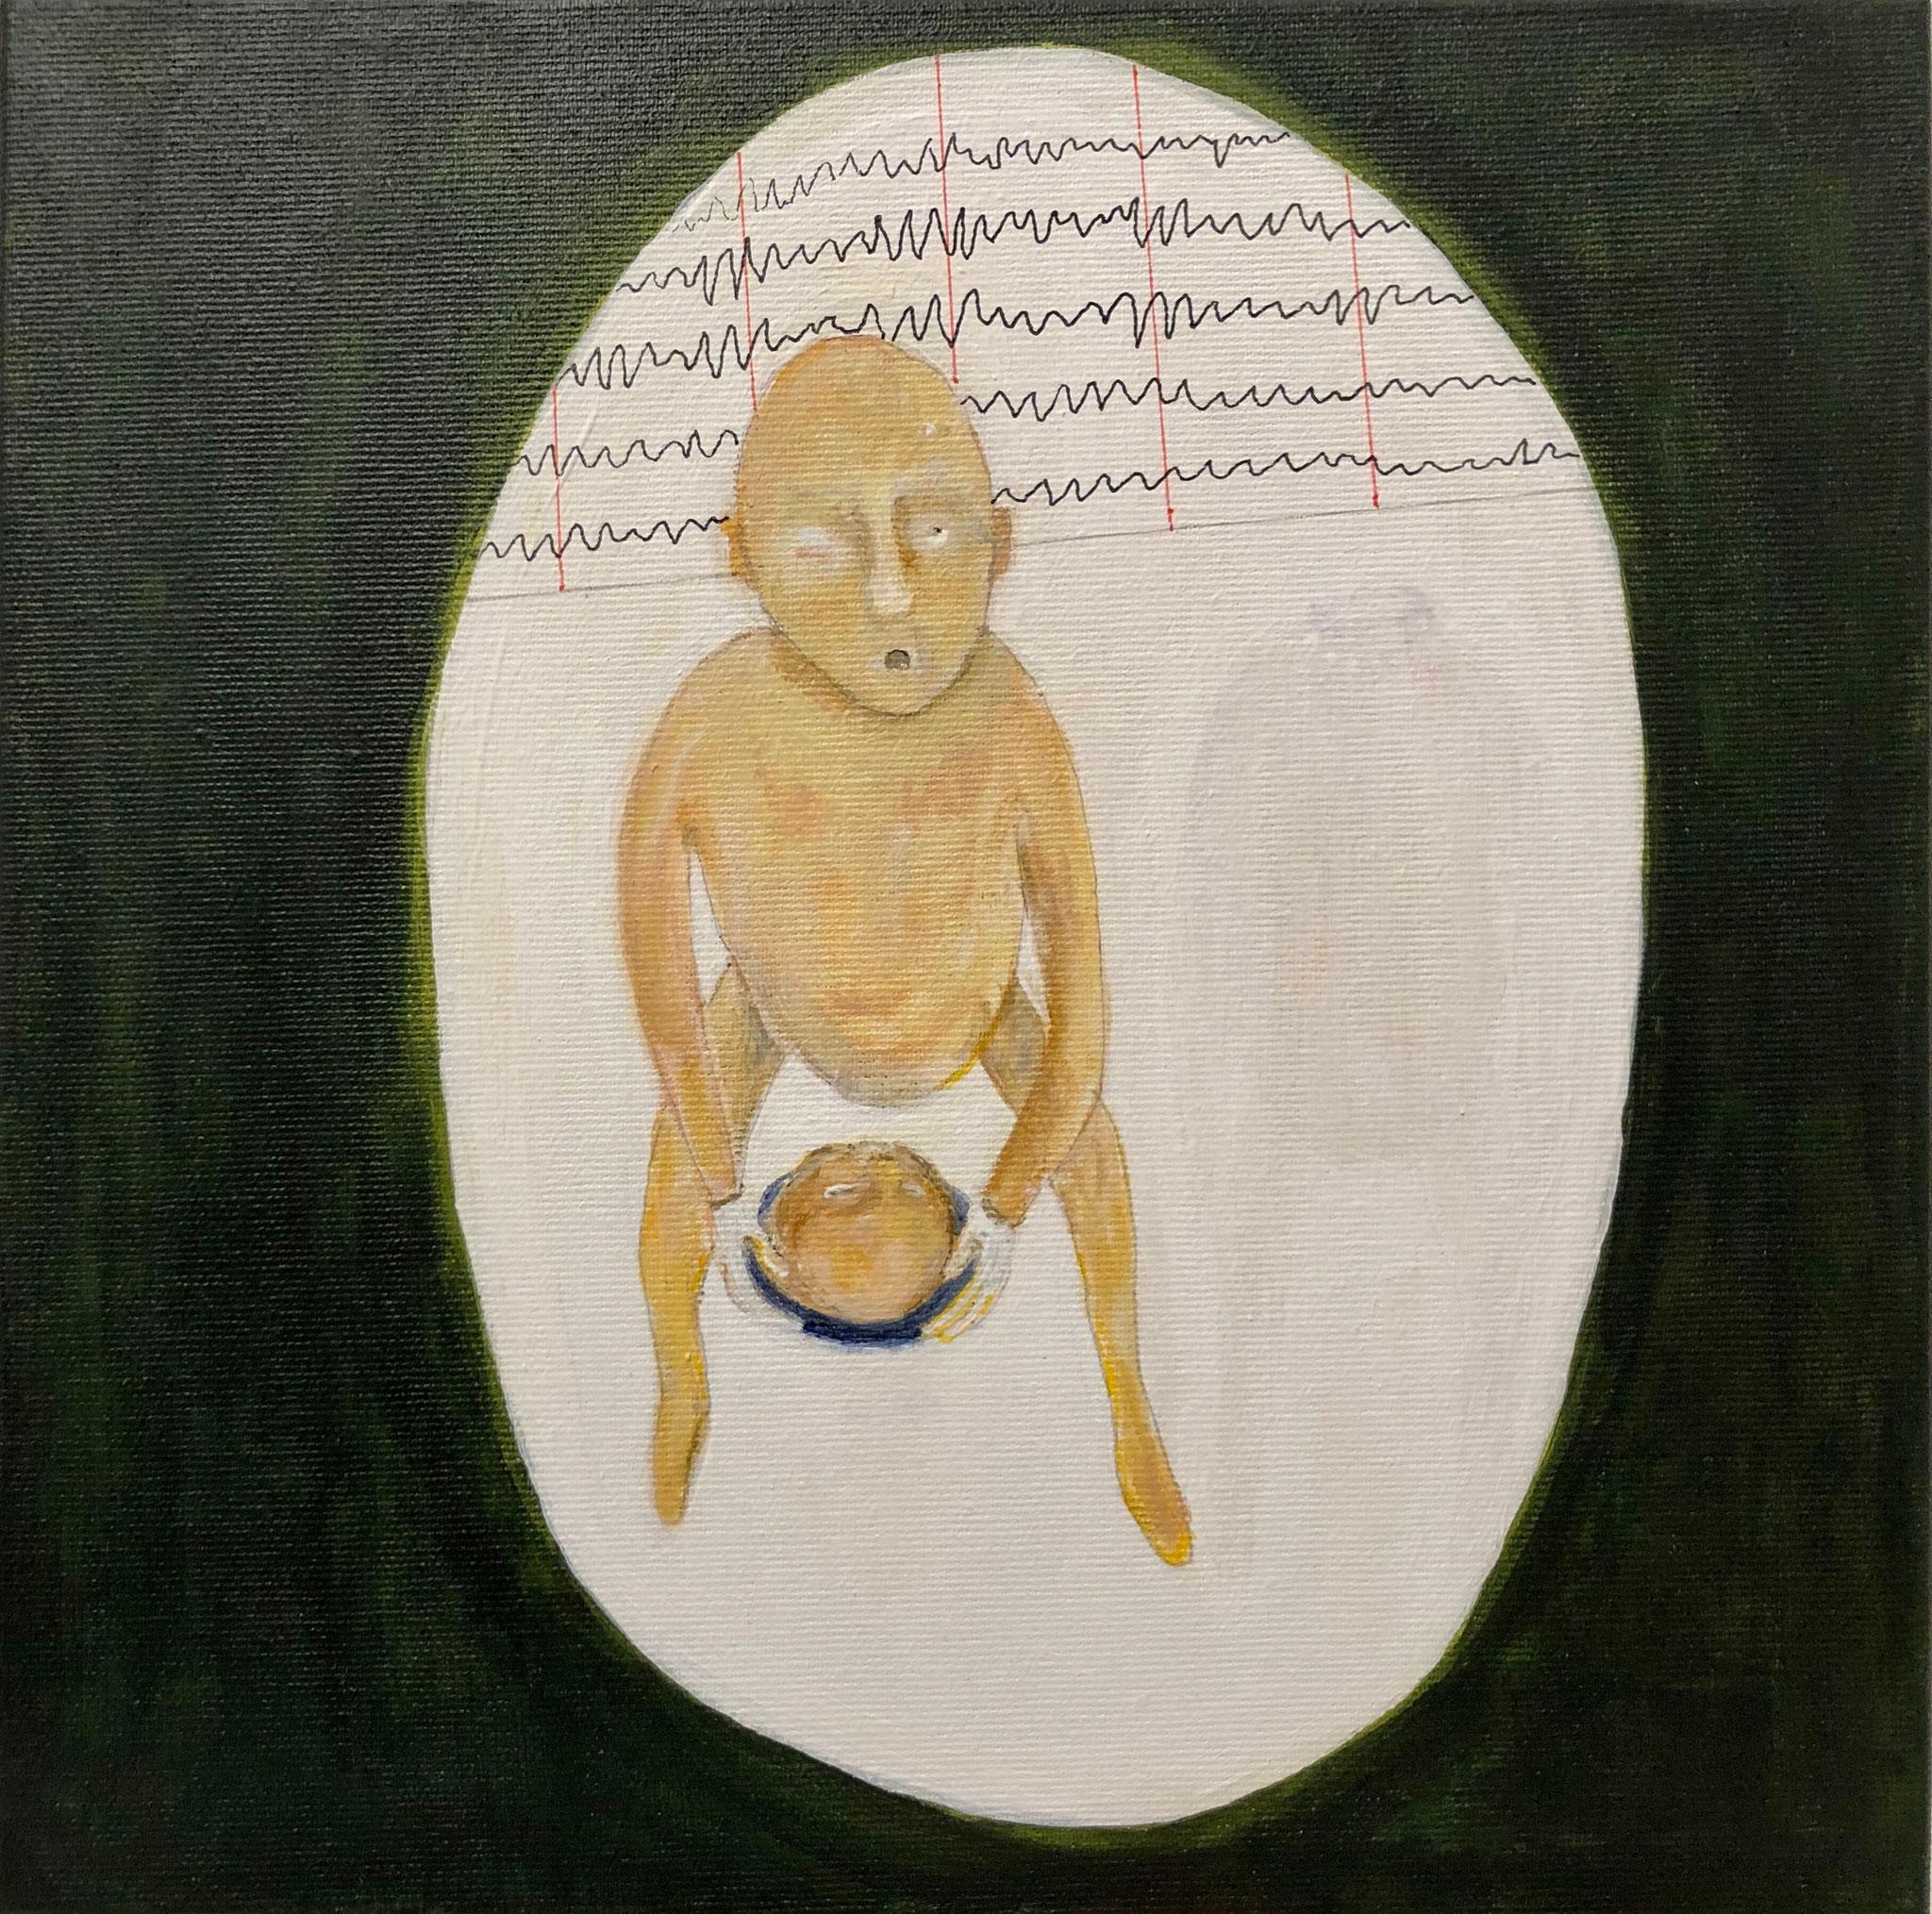 auf Händen tragen, Malerei, Acryl auf Leinwand, 2020